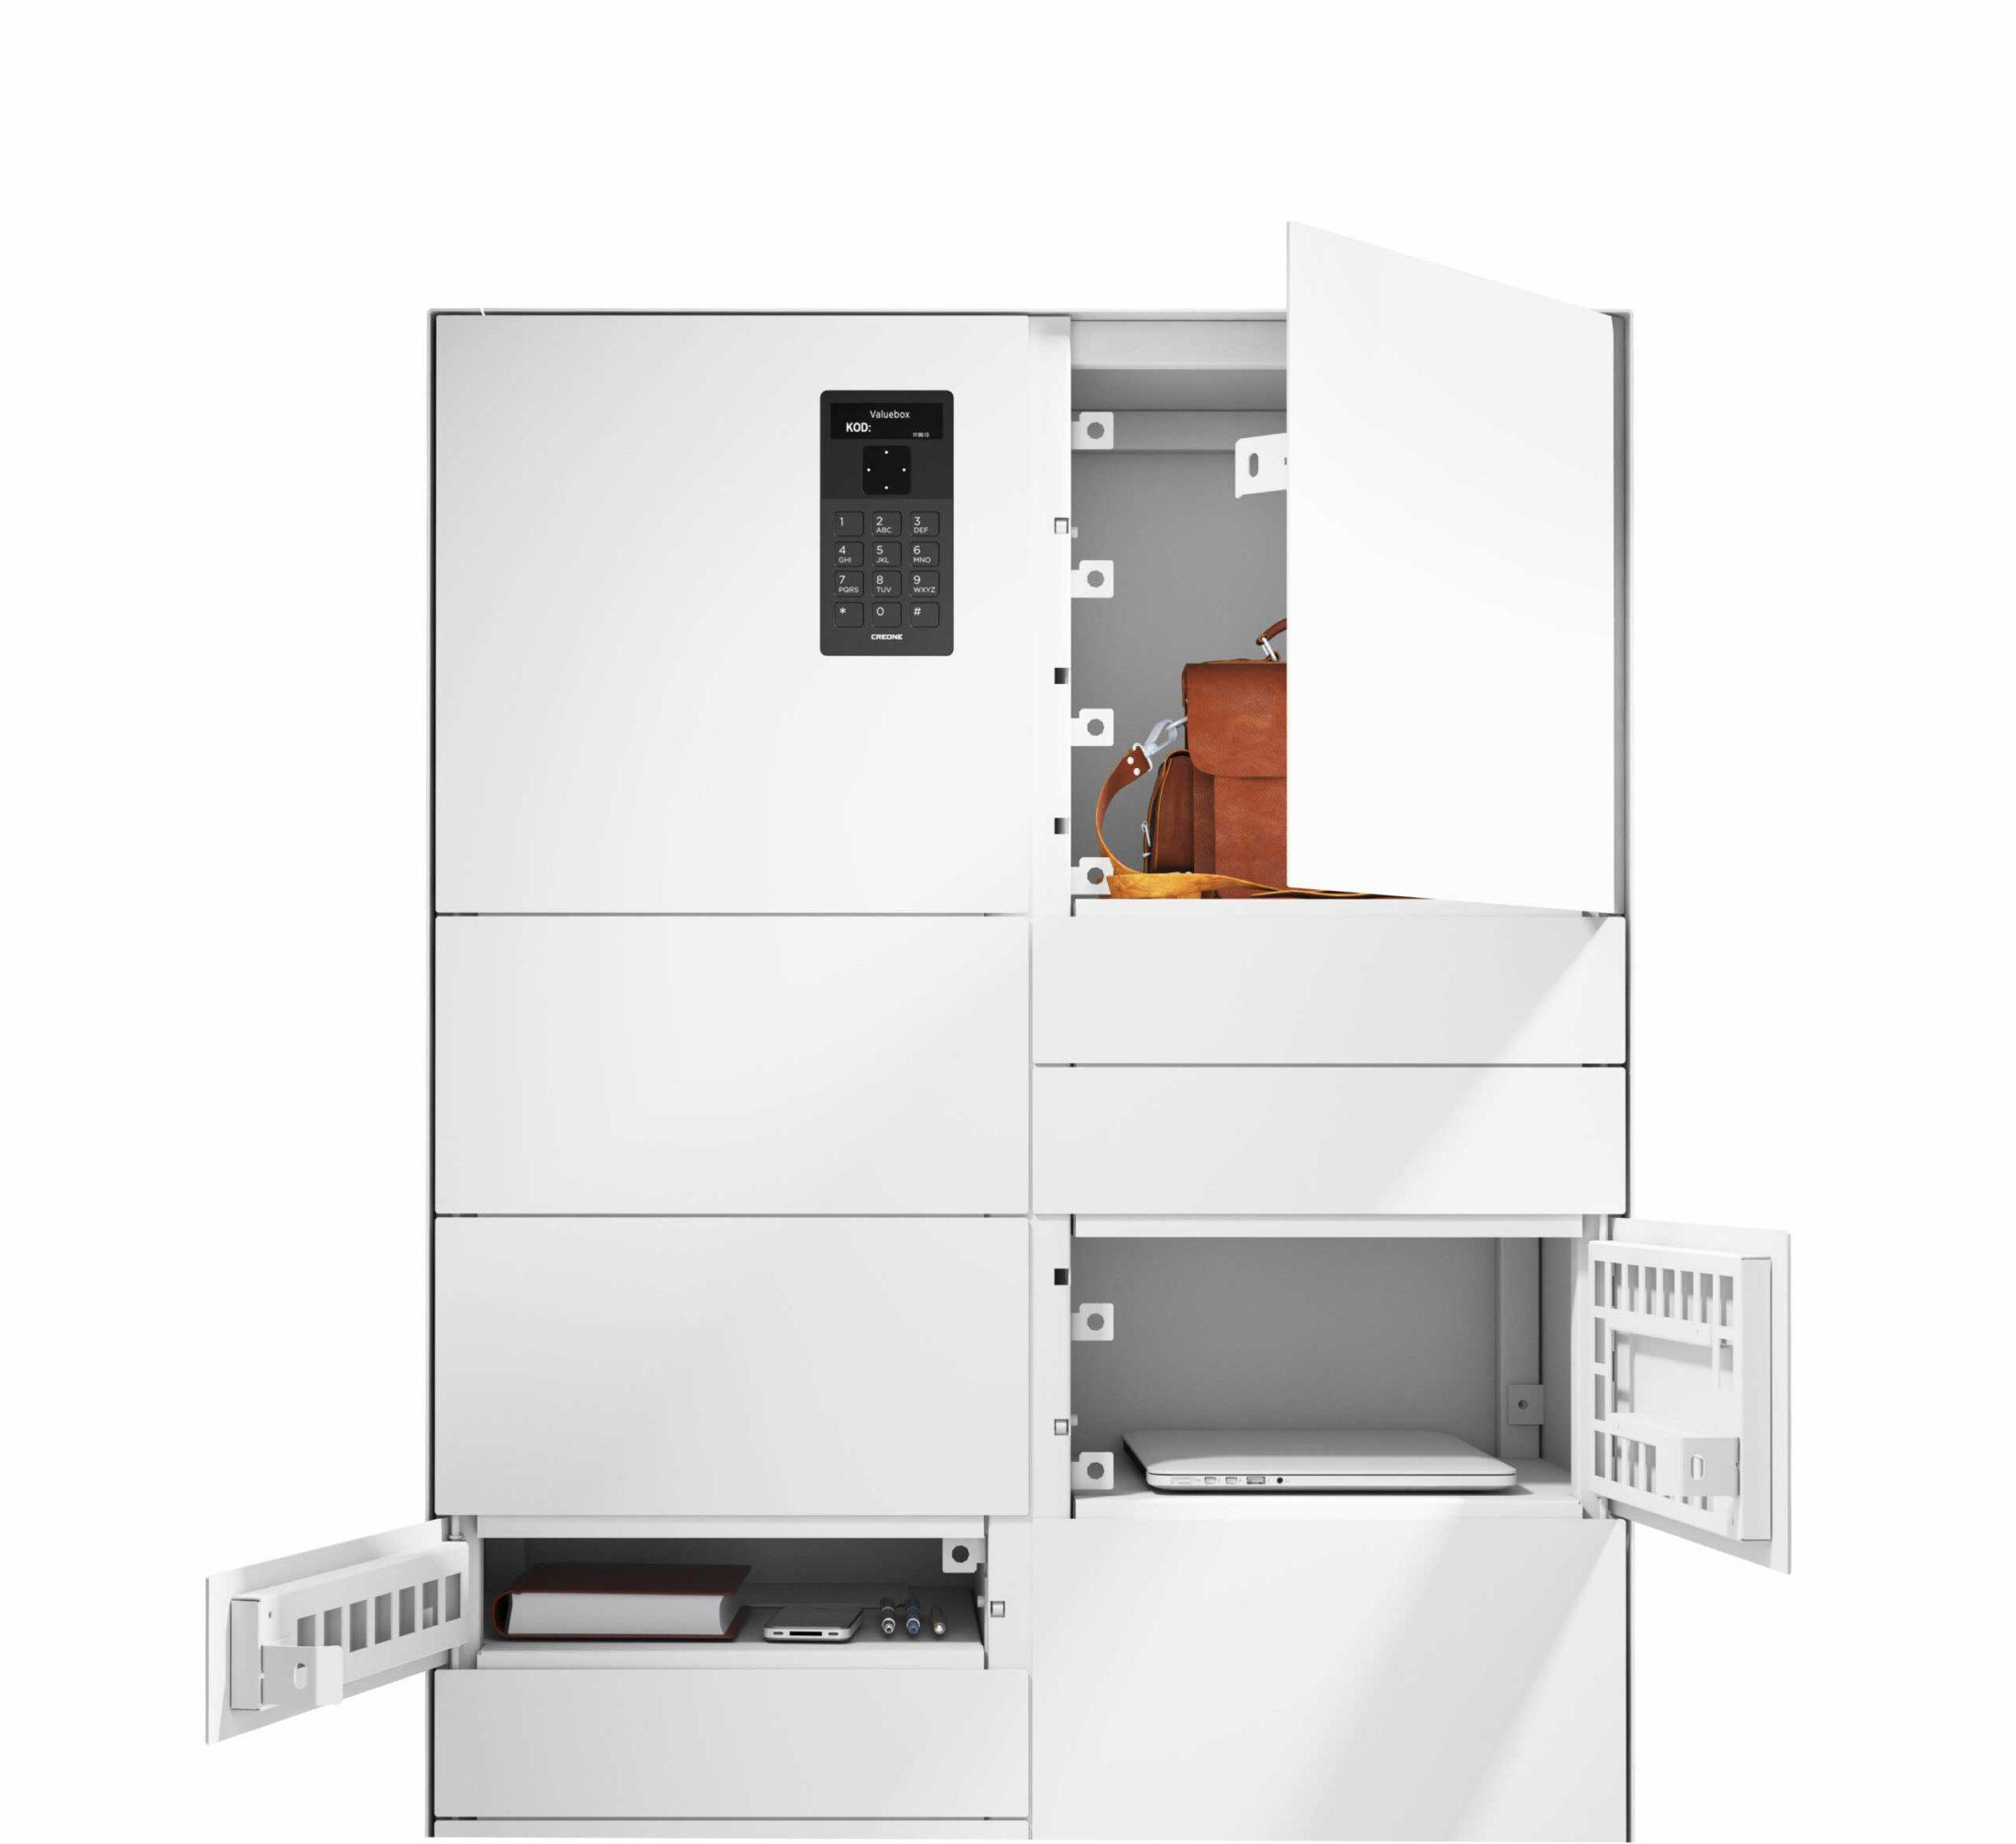 Armoire ValueBox SC de la série Control avec trois différents types de compartiments pour le stockage d'objets divers.